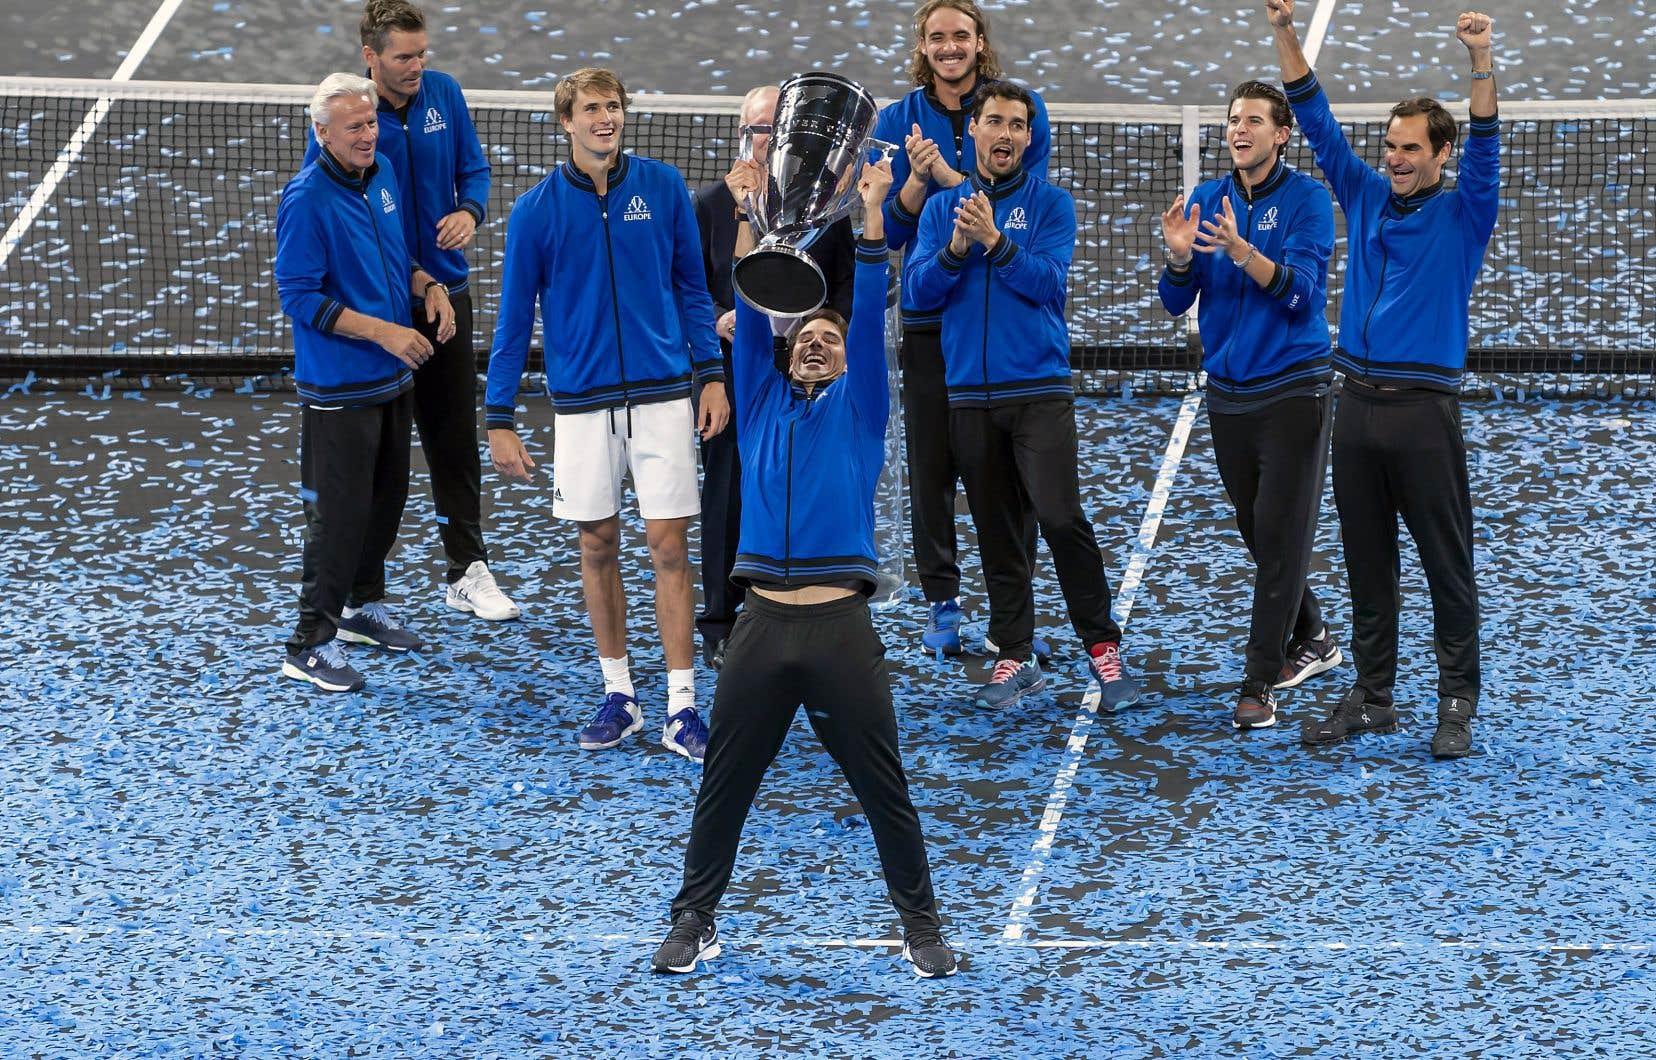 L'Europe avait aussi remporté les deux premières représentations de la Coupe Laver. Elles avaient eu lieu à Prague, en 2017, et à Chicago, l'an dernier.